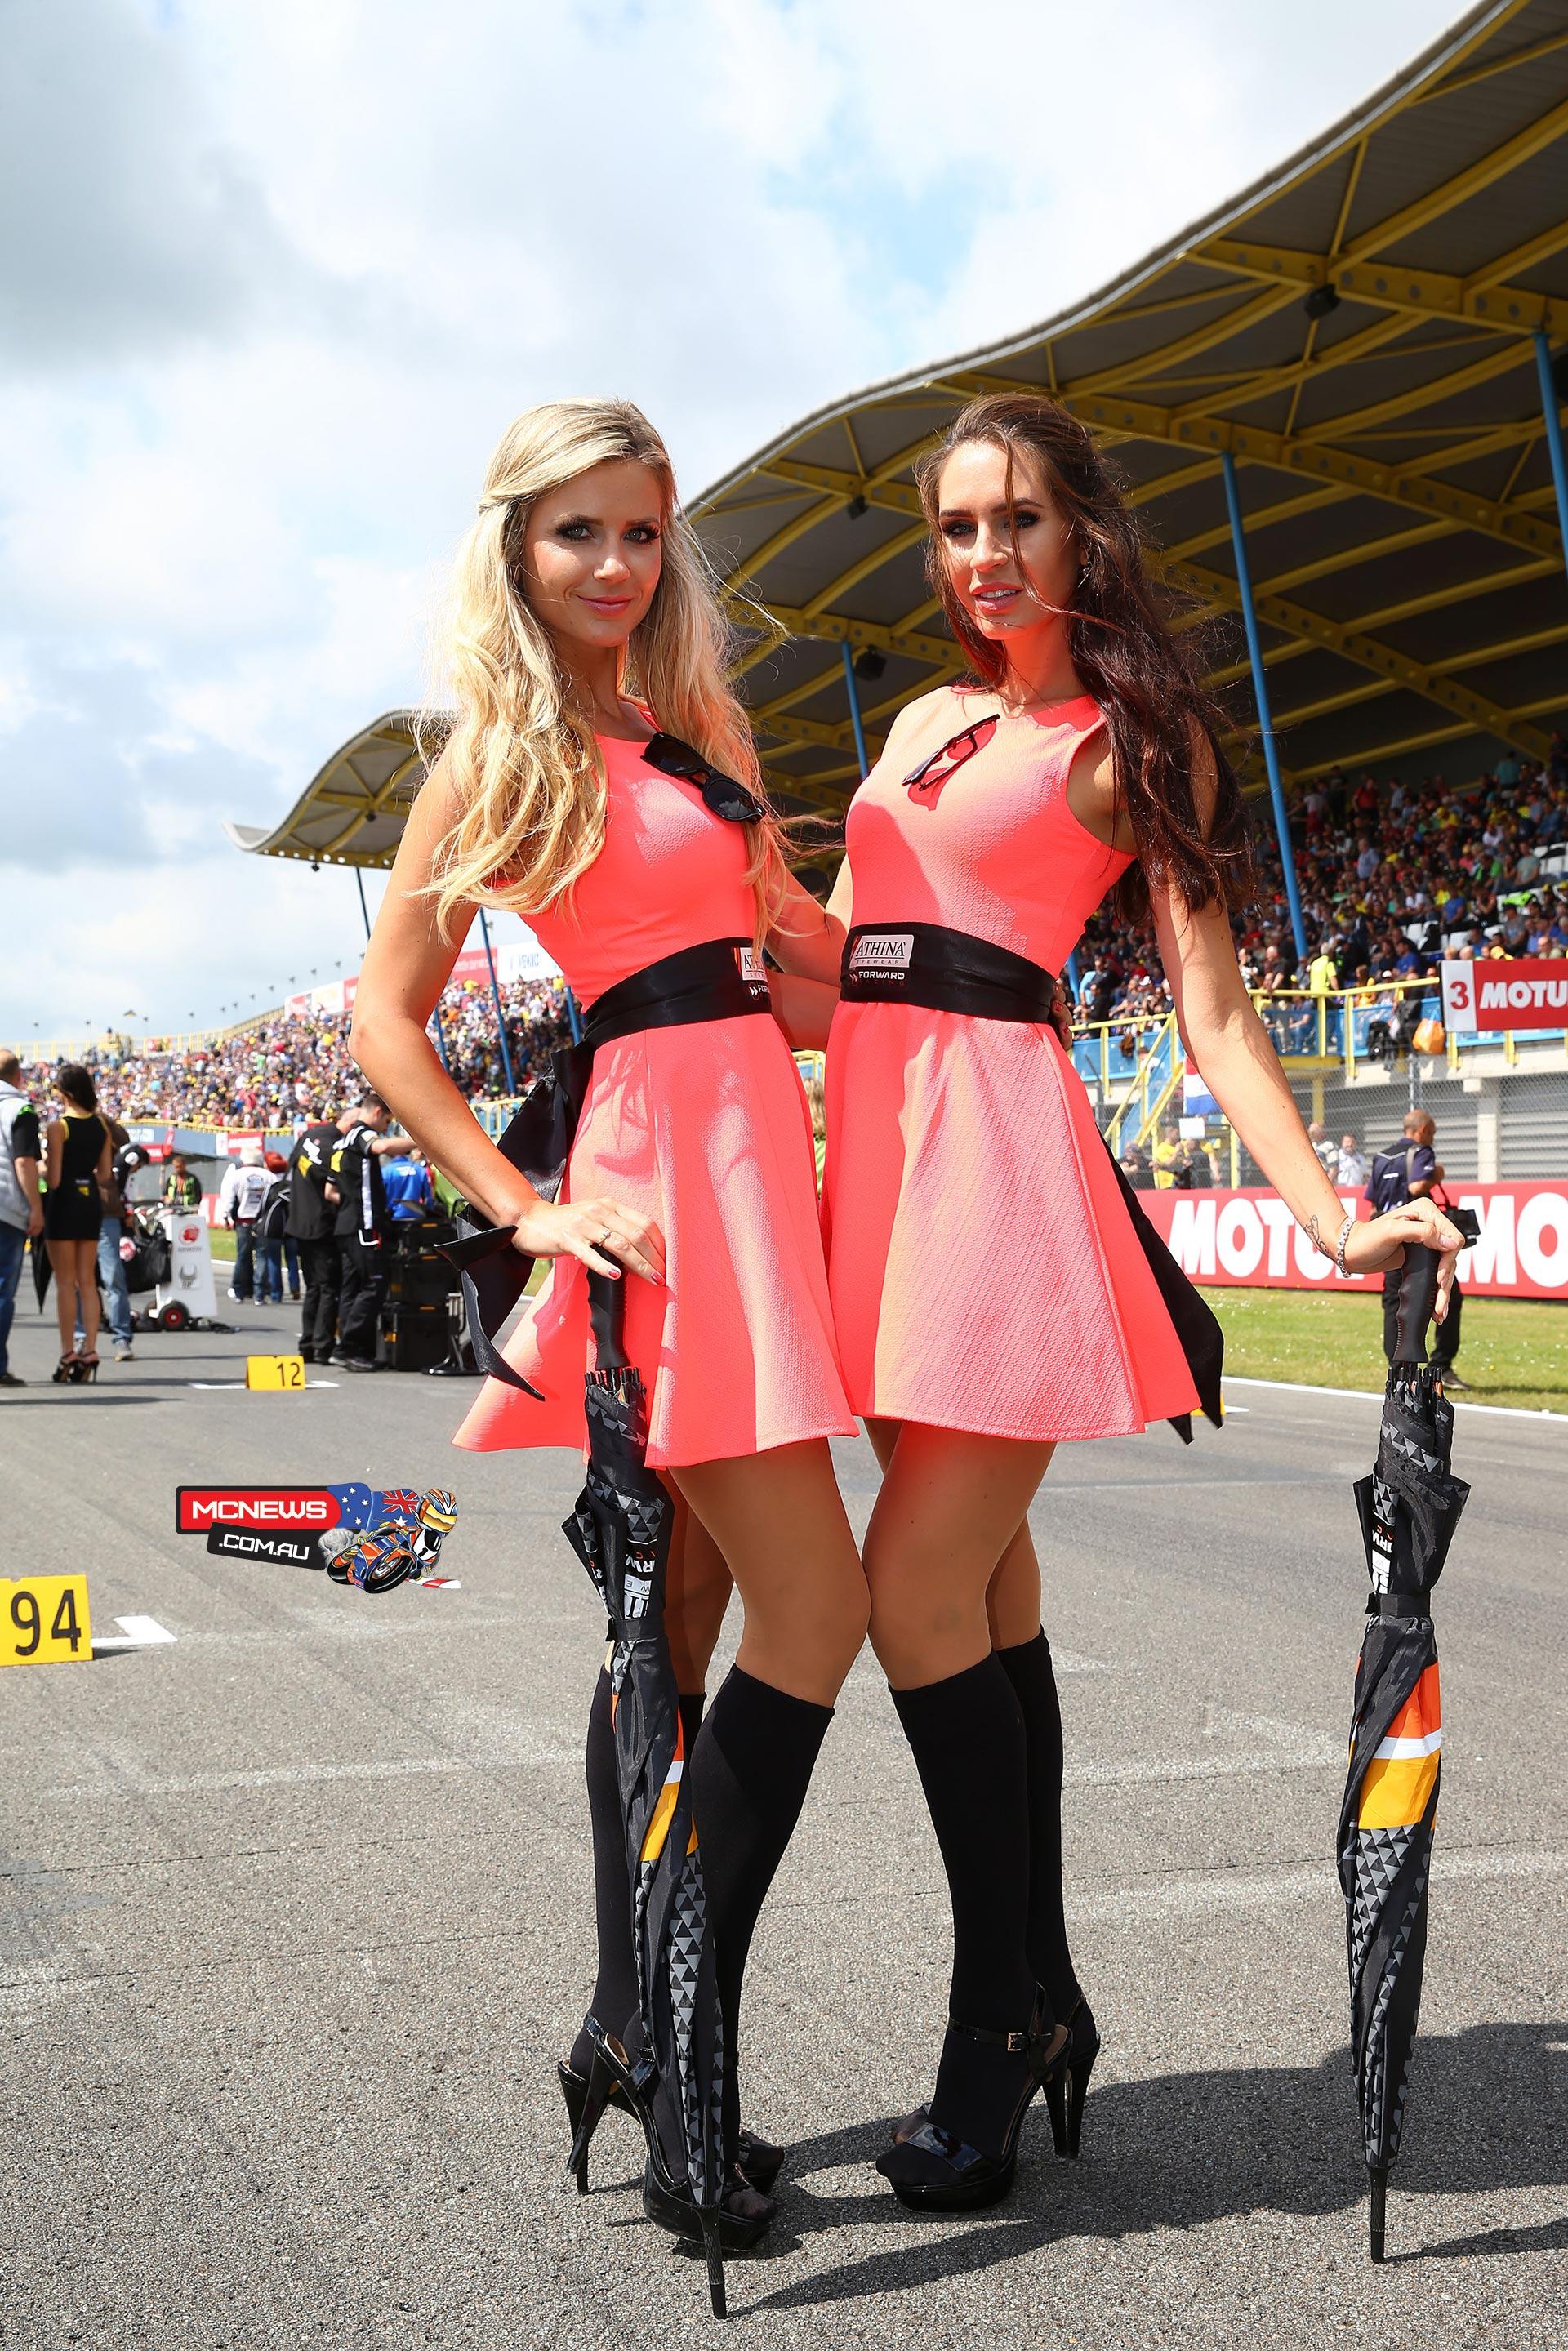 Grid Girls of the Dutch TT Assen MotoGP | MCNews.com.au